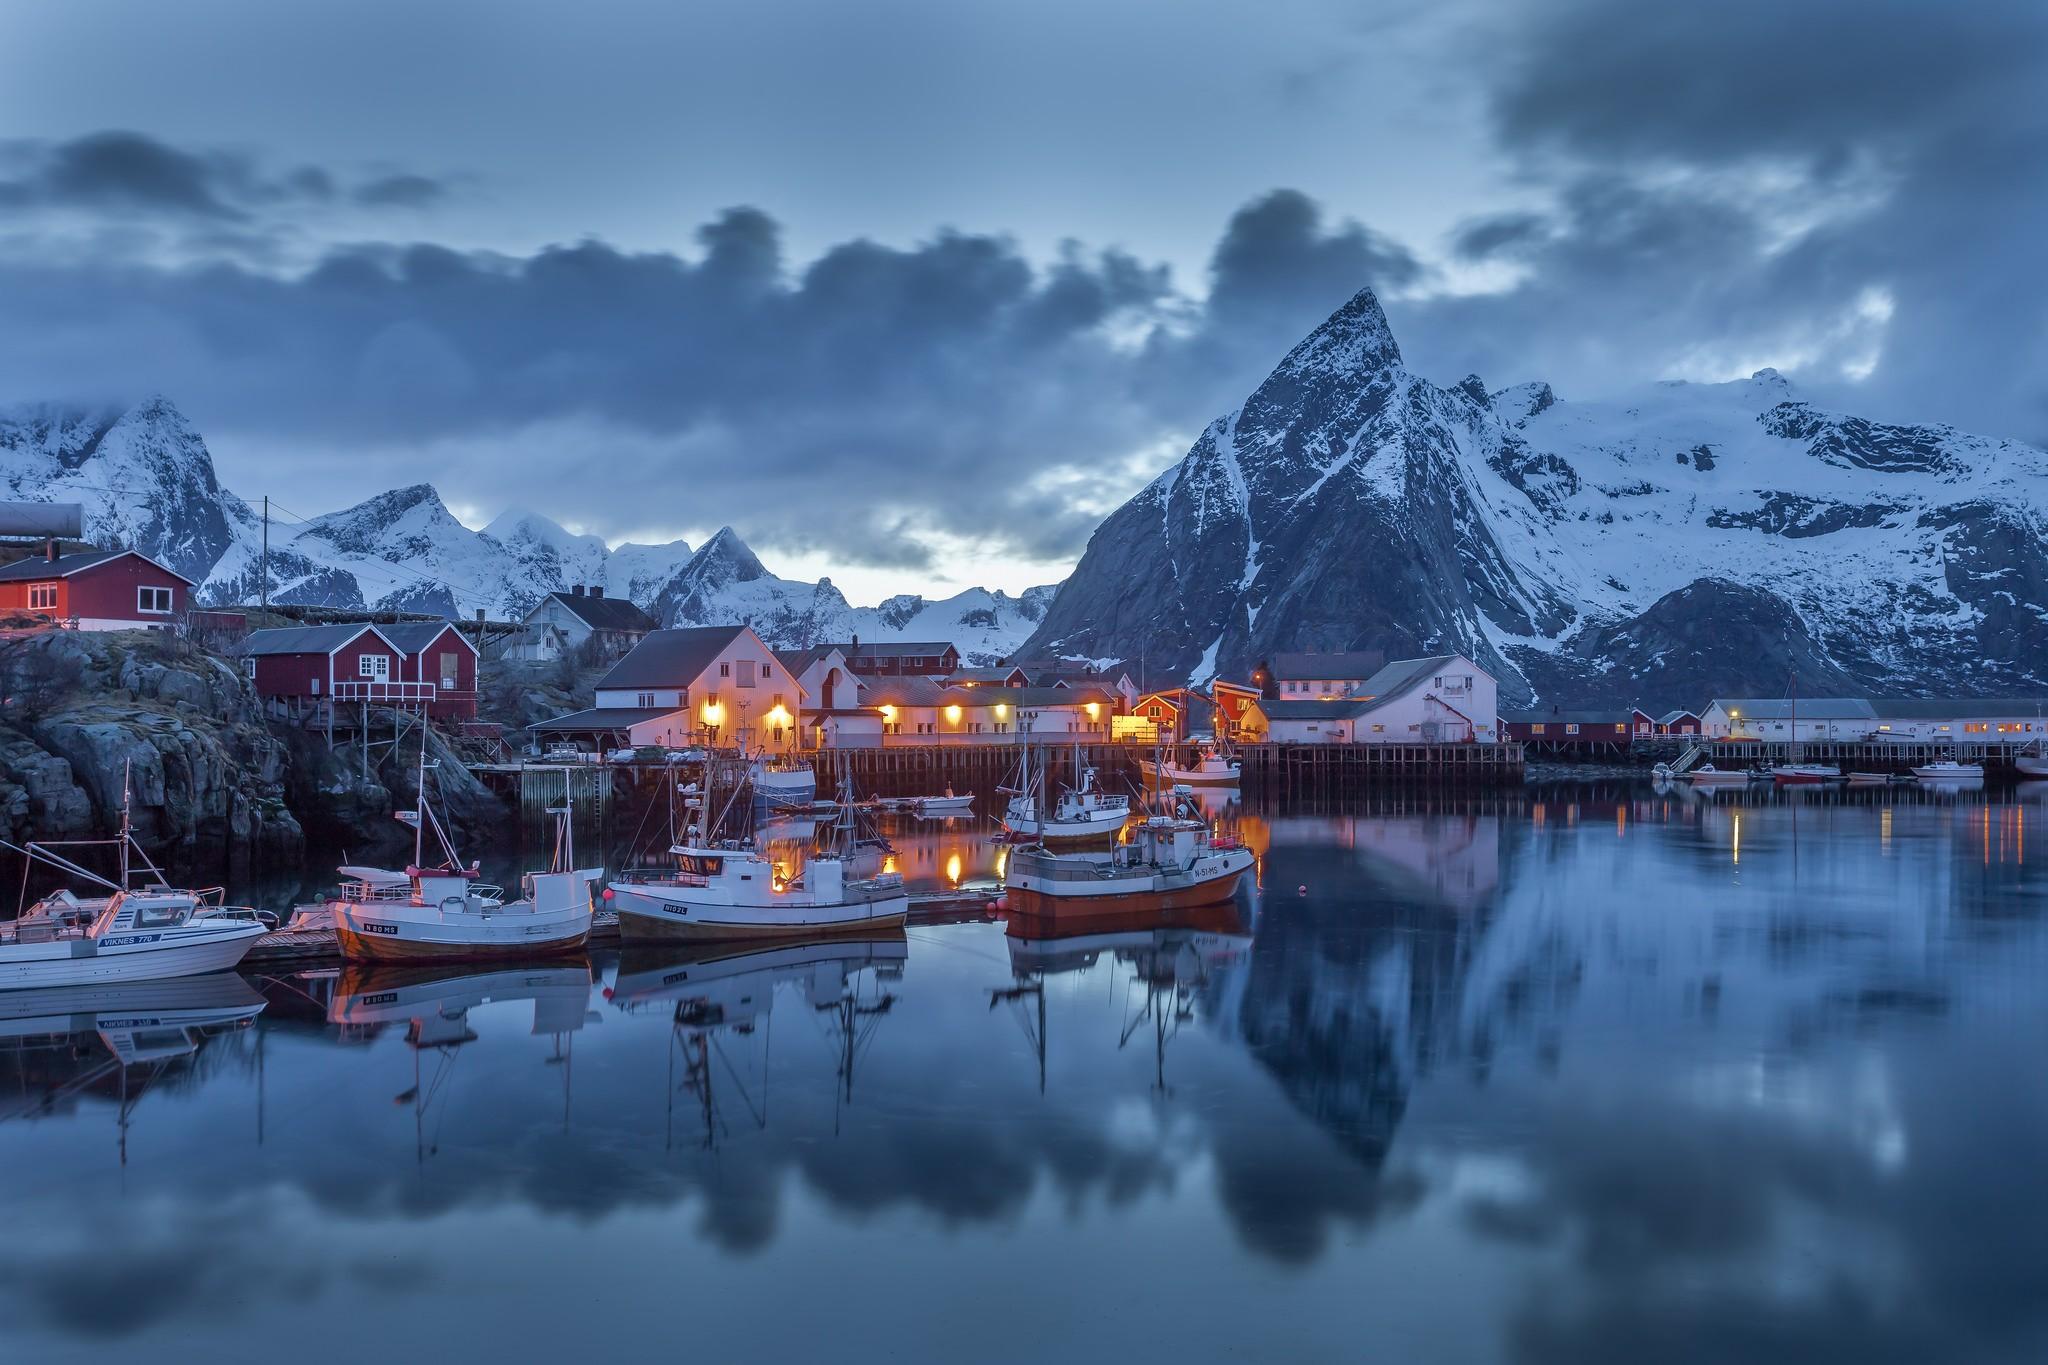 вам интереснейший пейзажи норвегии фото нарушайте сроки пребывания